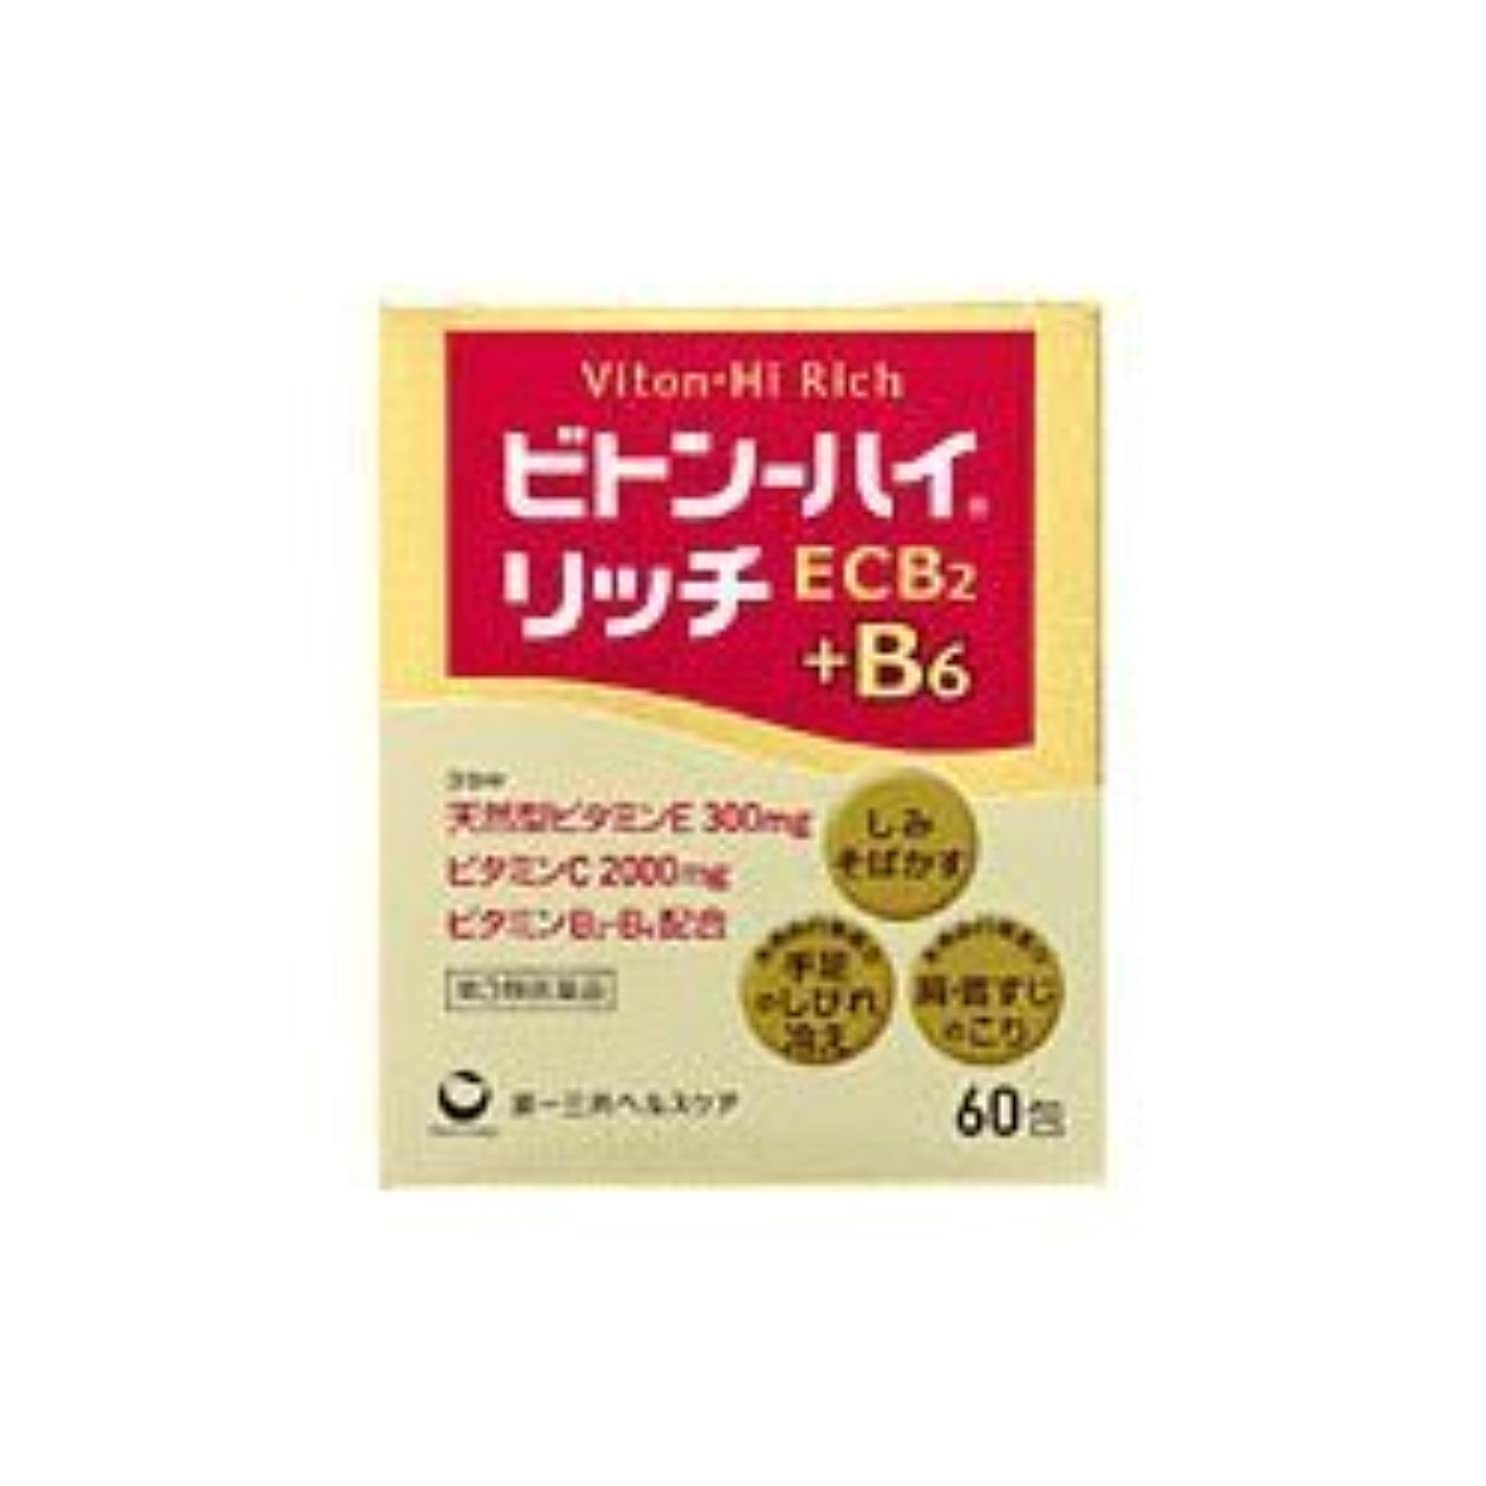 ストロー瞑想的イベント【第3類医薬品】ビトン-ハイリッチ 60包 ×5